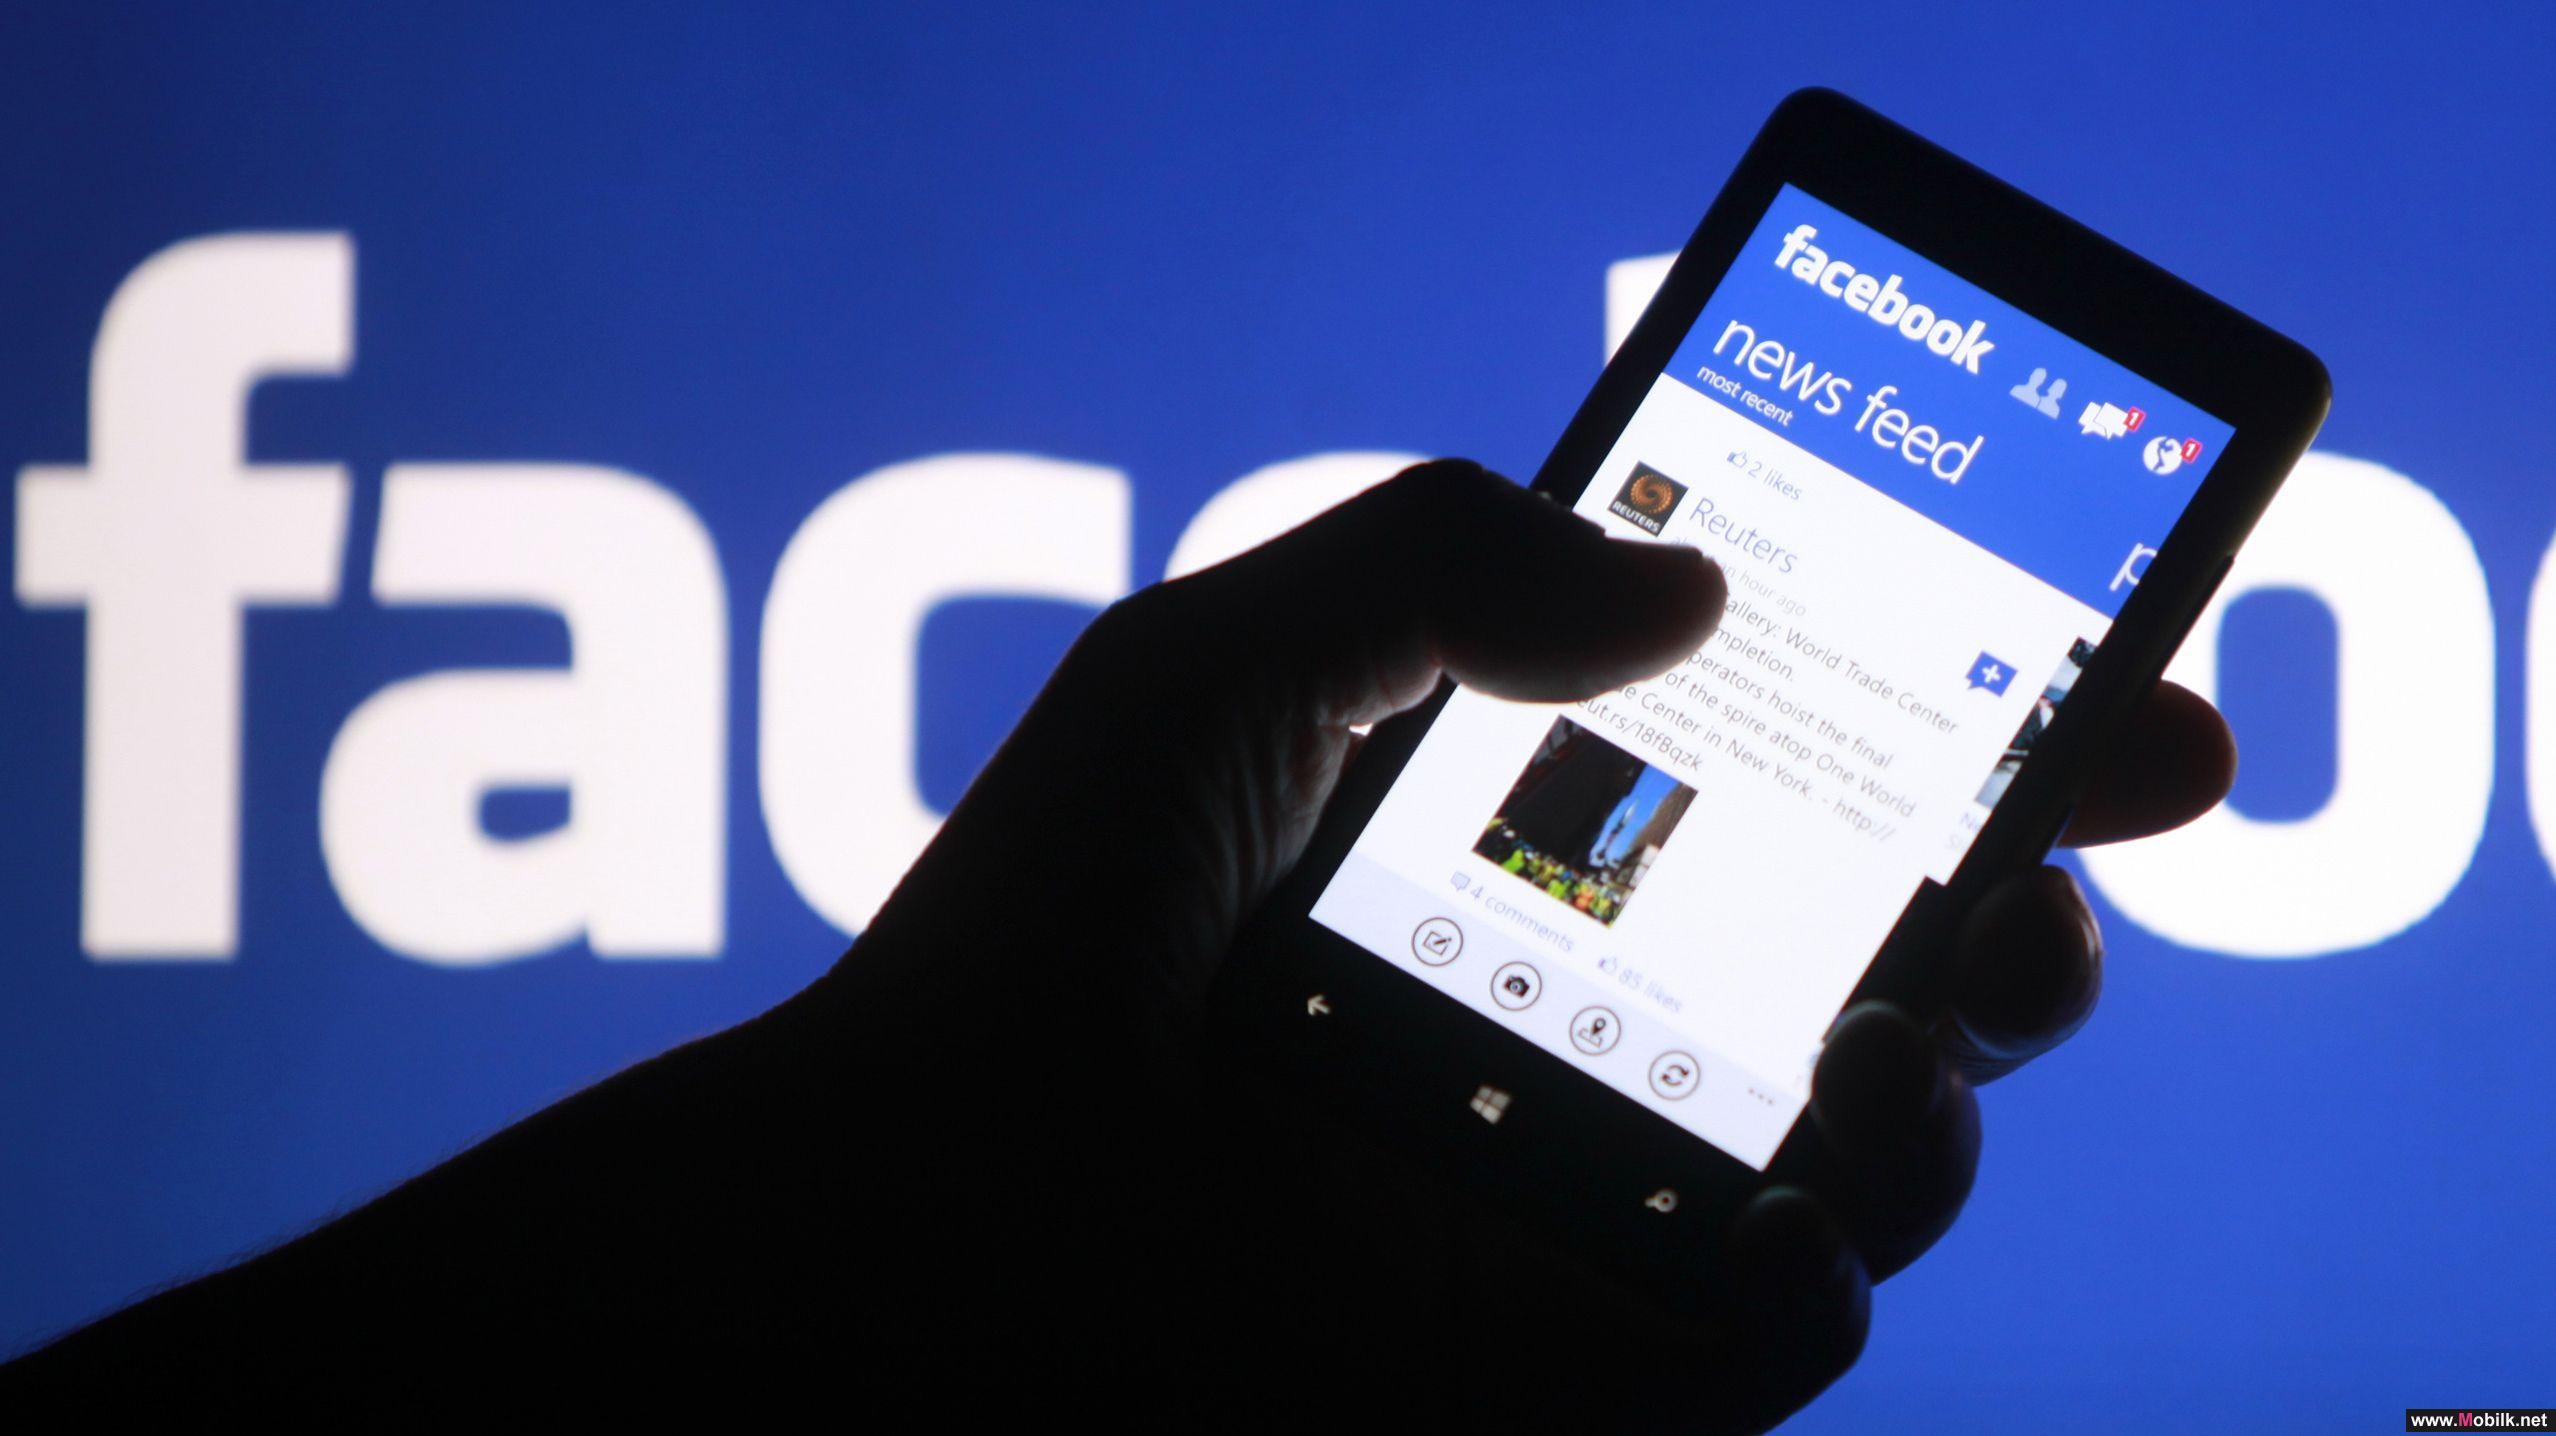 فيسبوك يؤكد ان الاختراق الأمني الأخير لم يطل ماسنجر او انستجرام او واتساب